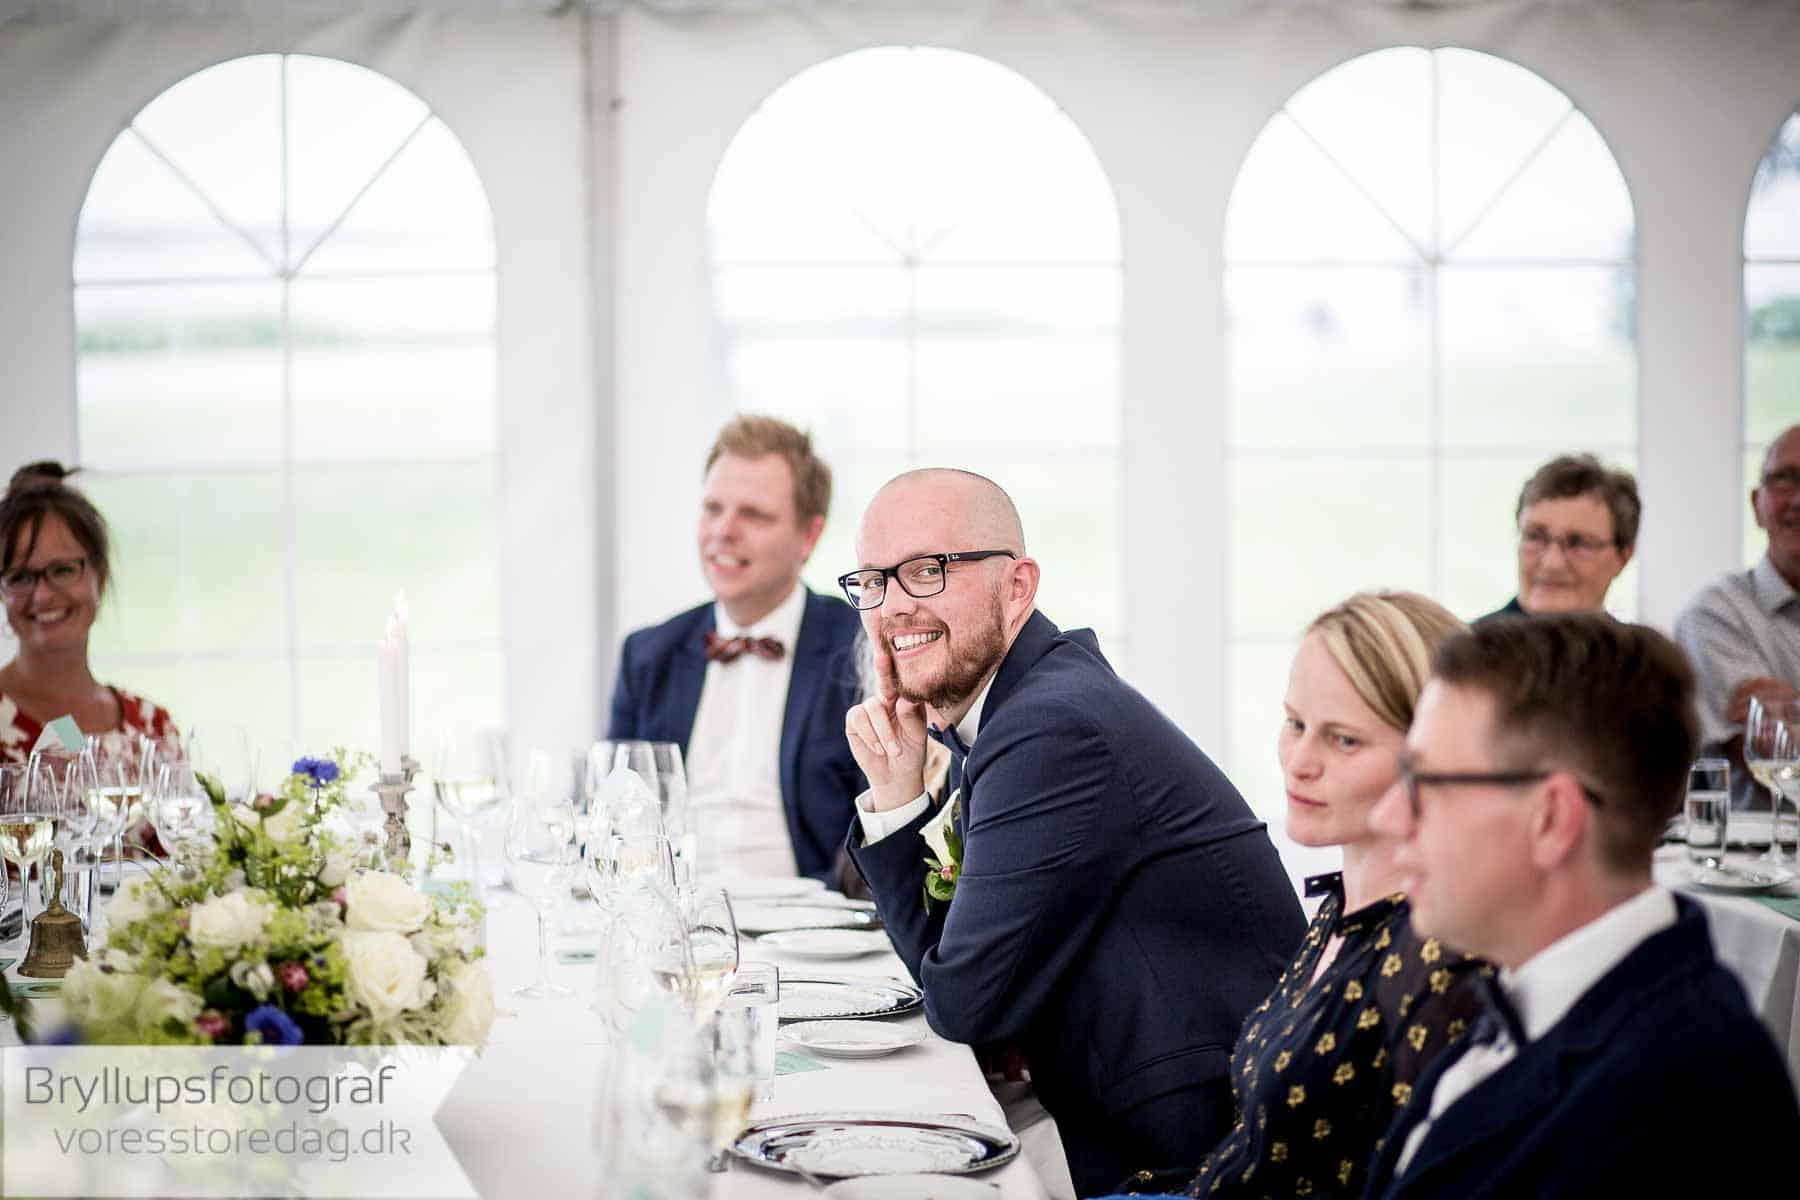 Fotograf til Bryllup og Fest - Fasthold de værdifulde øjeblikke